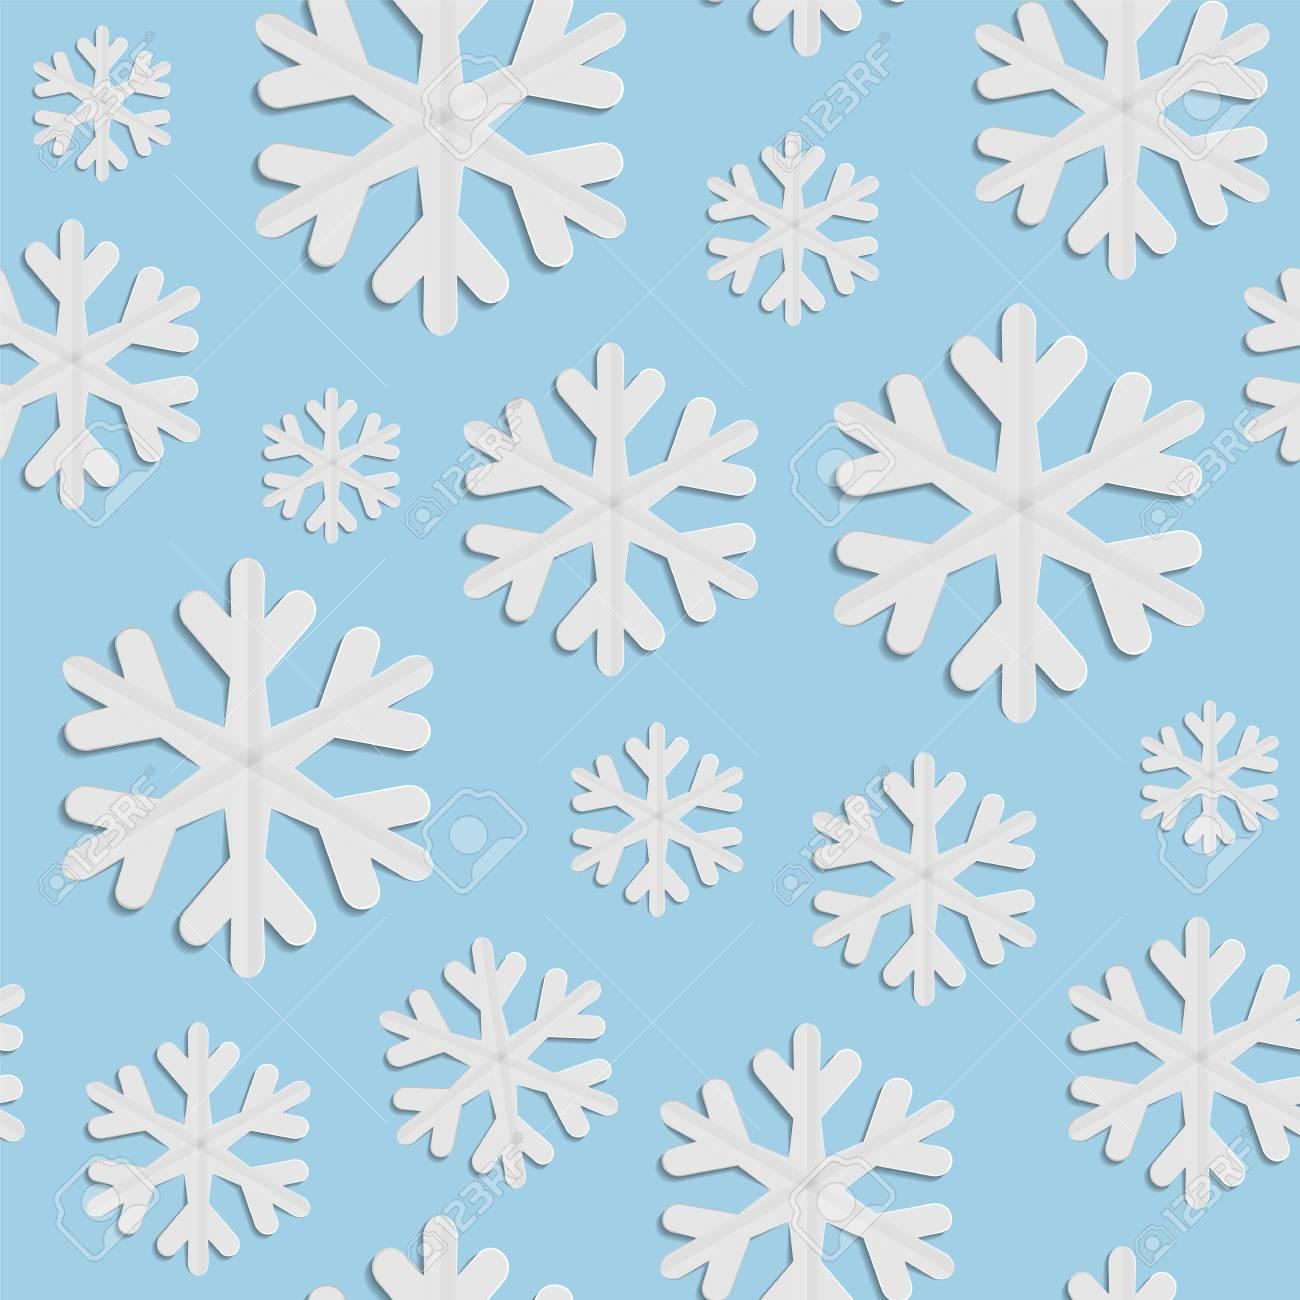 Modello Invernale Senza Soluzione Di Continuità Fiocchi Di Neve Di